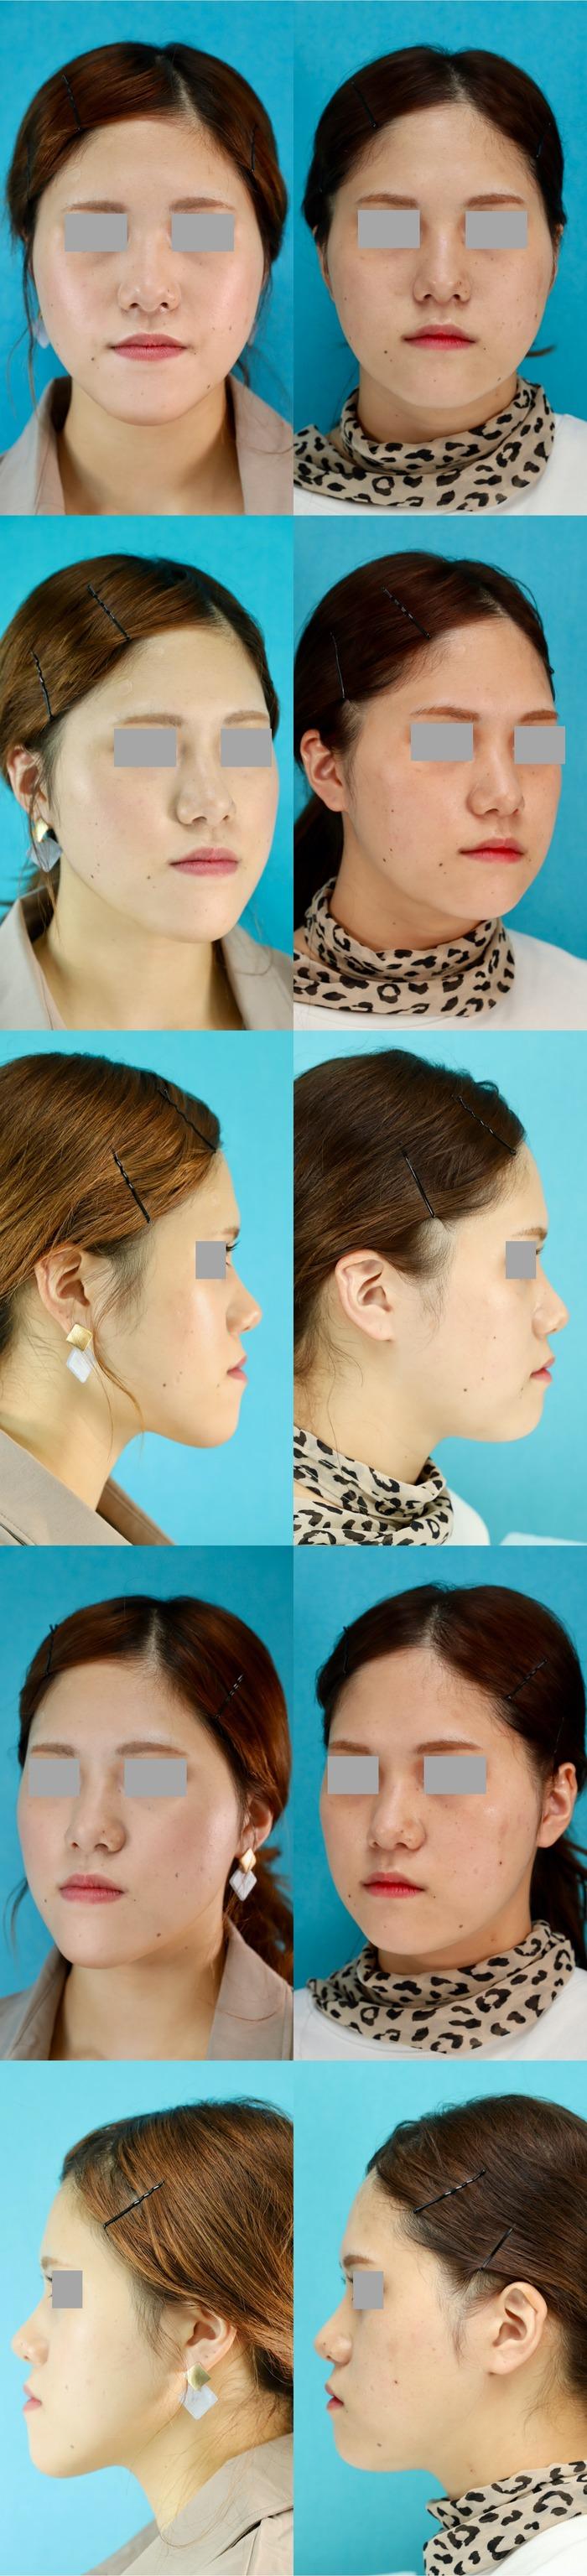 下顎矢状分割術後7ヶ月